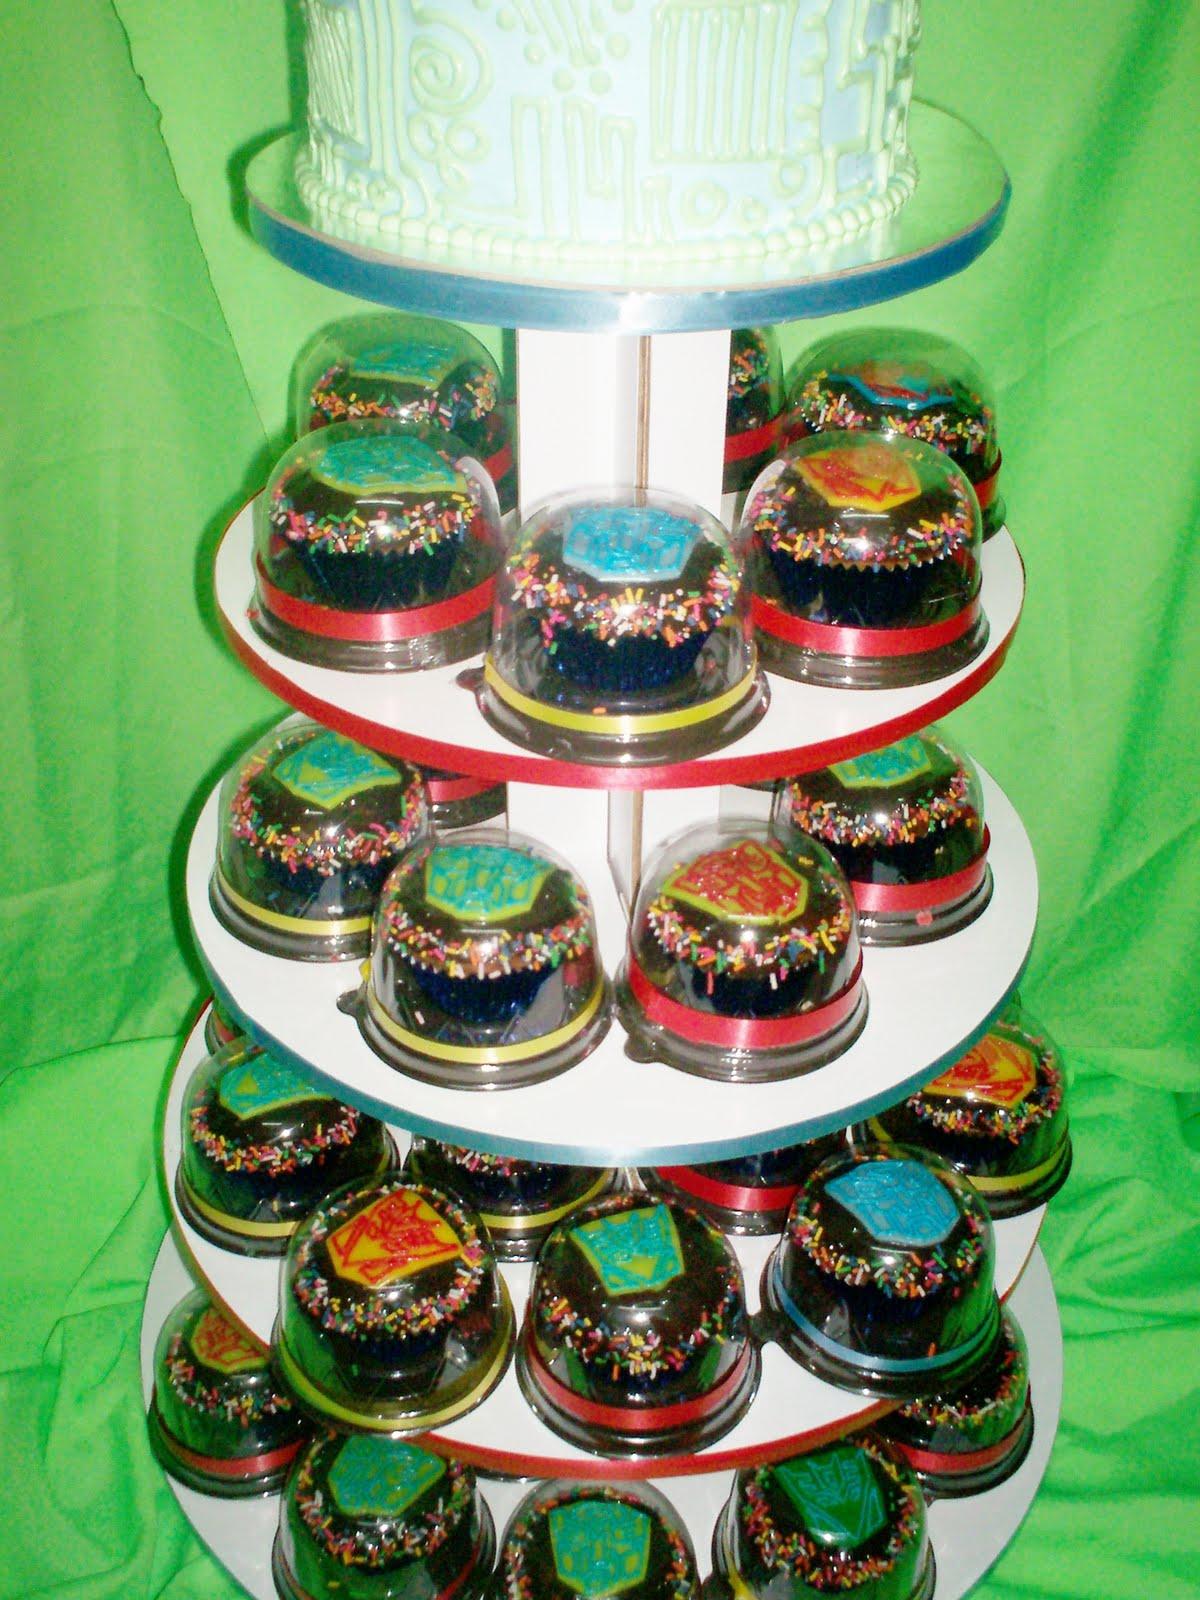 Paupicakes Transformers Cupcake Tower